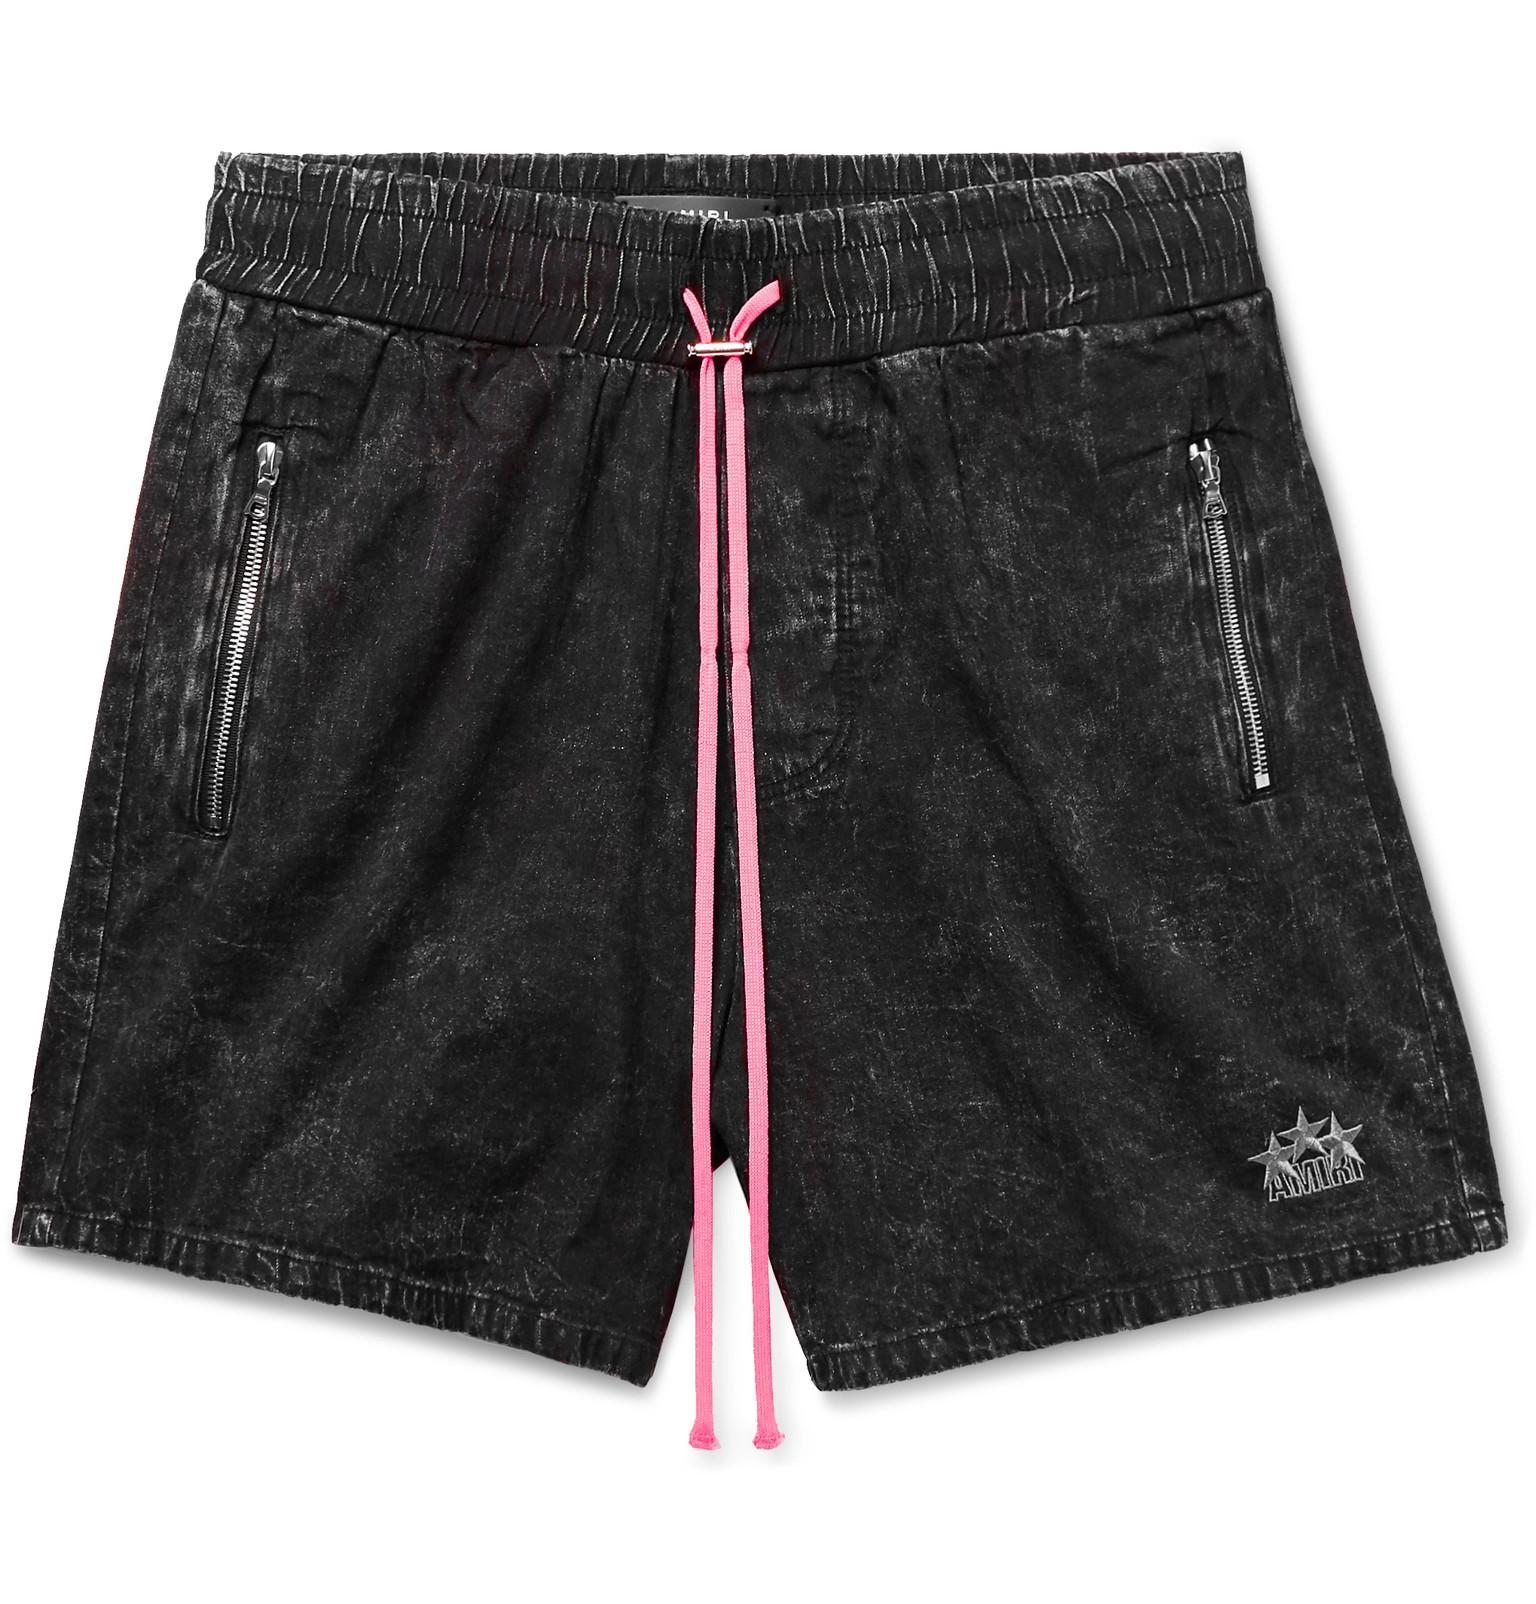 f090f19a3a Lyst - Amiri Wide-leg Acid-wash Denim Drawstring Shorts in Black for Men